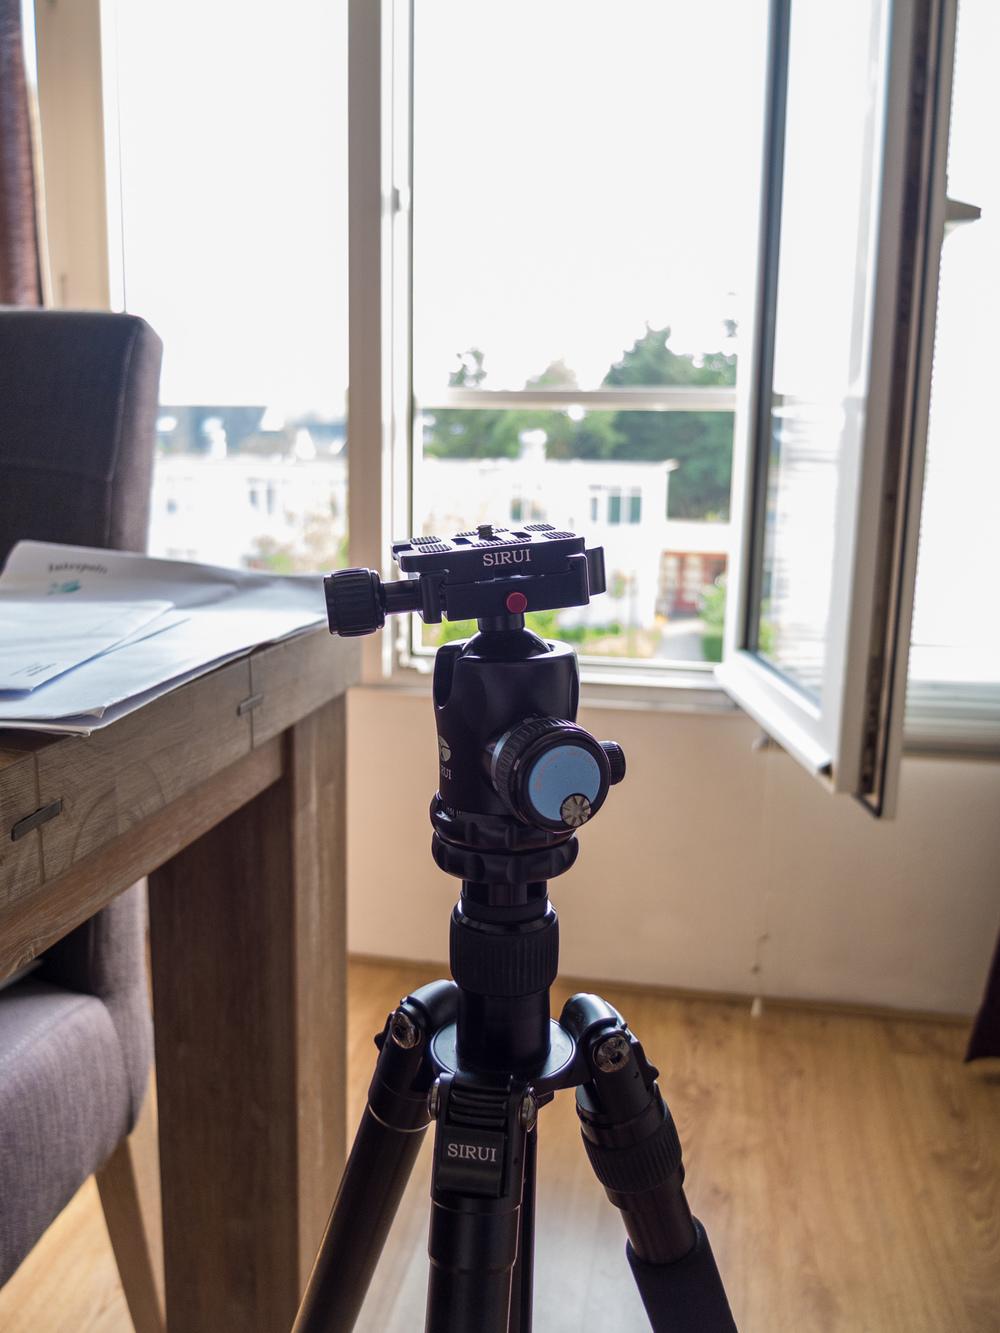 Fujifilm X10 - 28mm f/2.0 ISO 100